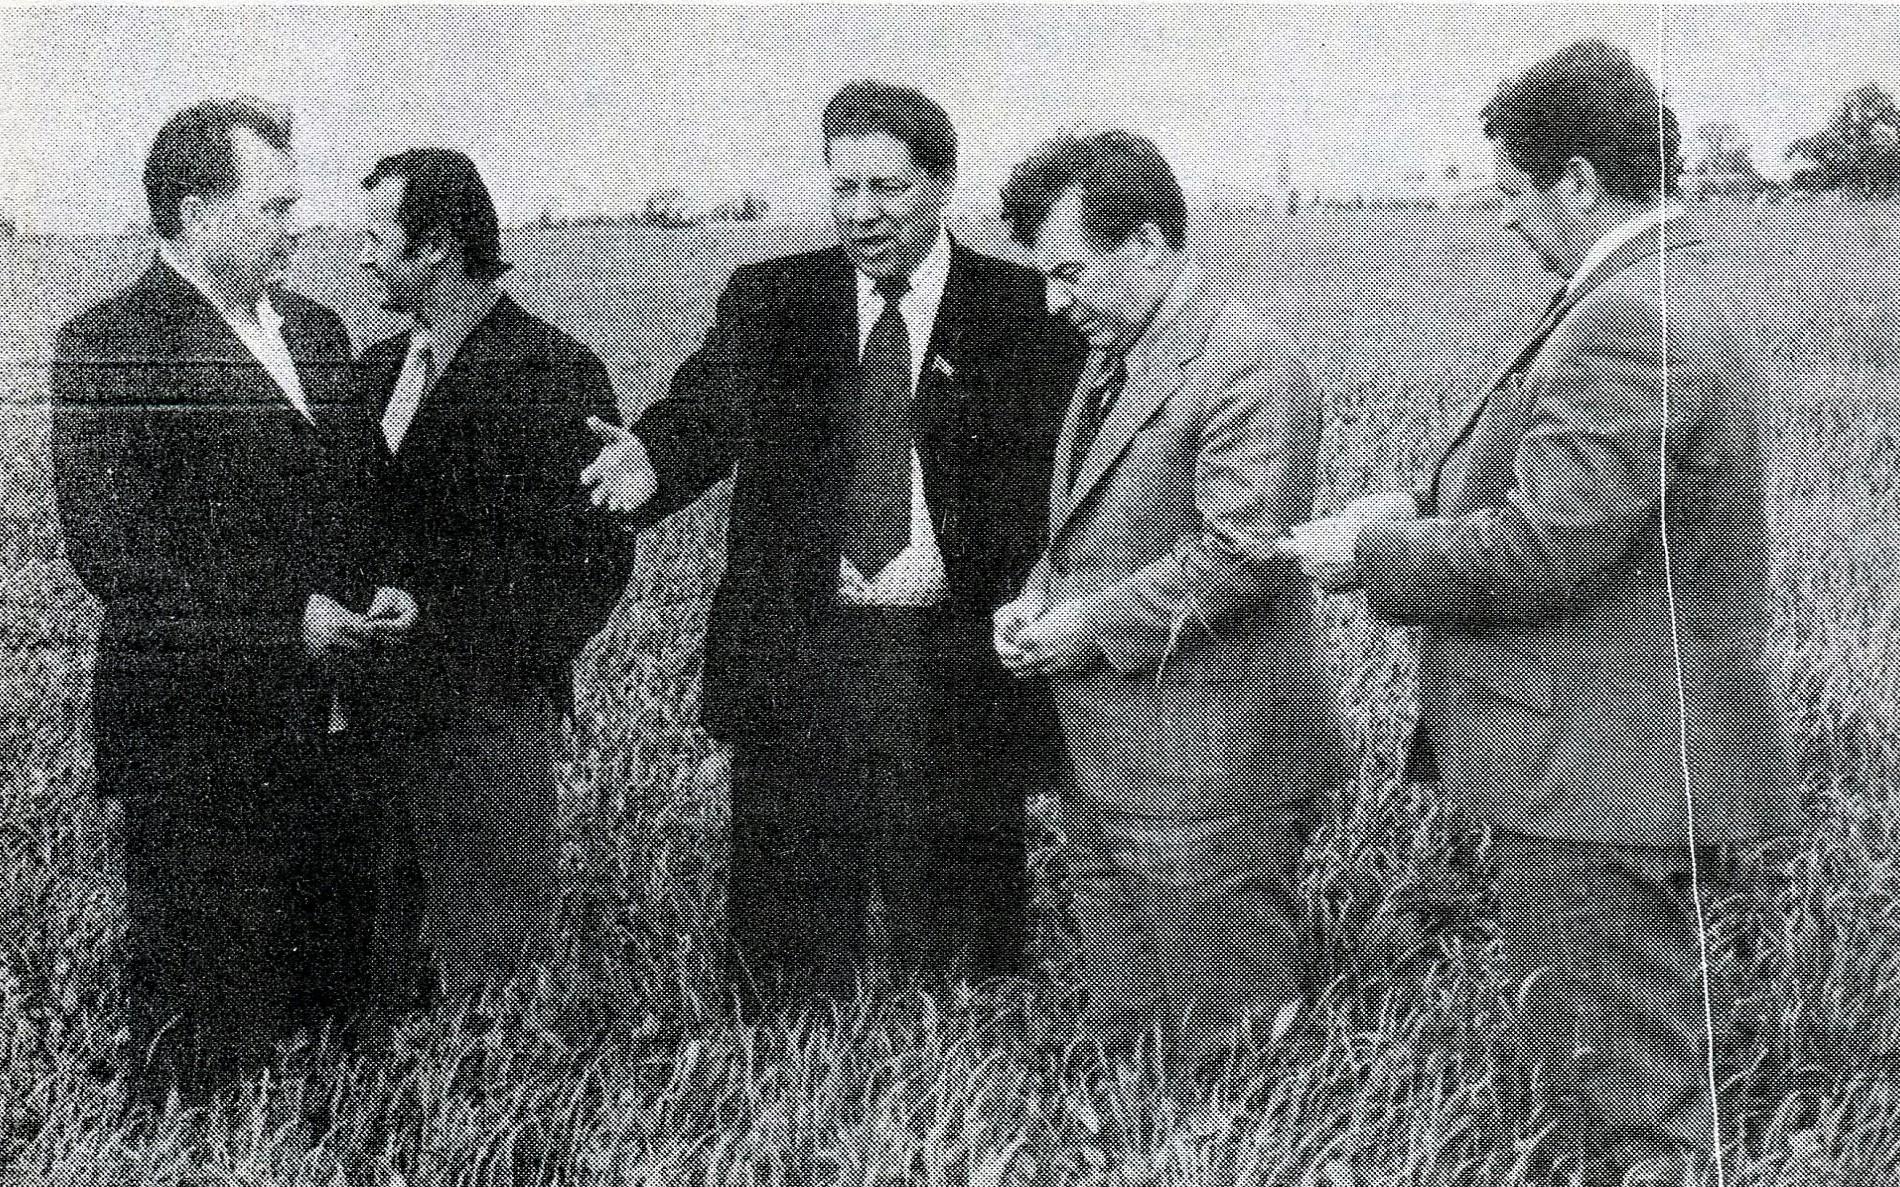 """Sotsialistliku Põllumajanduse maagiline mõõde avaldub fotožanris """"ülikondades mehed viljapõldude keskel"""""""